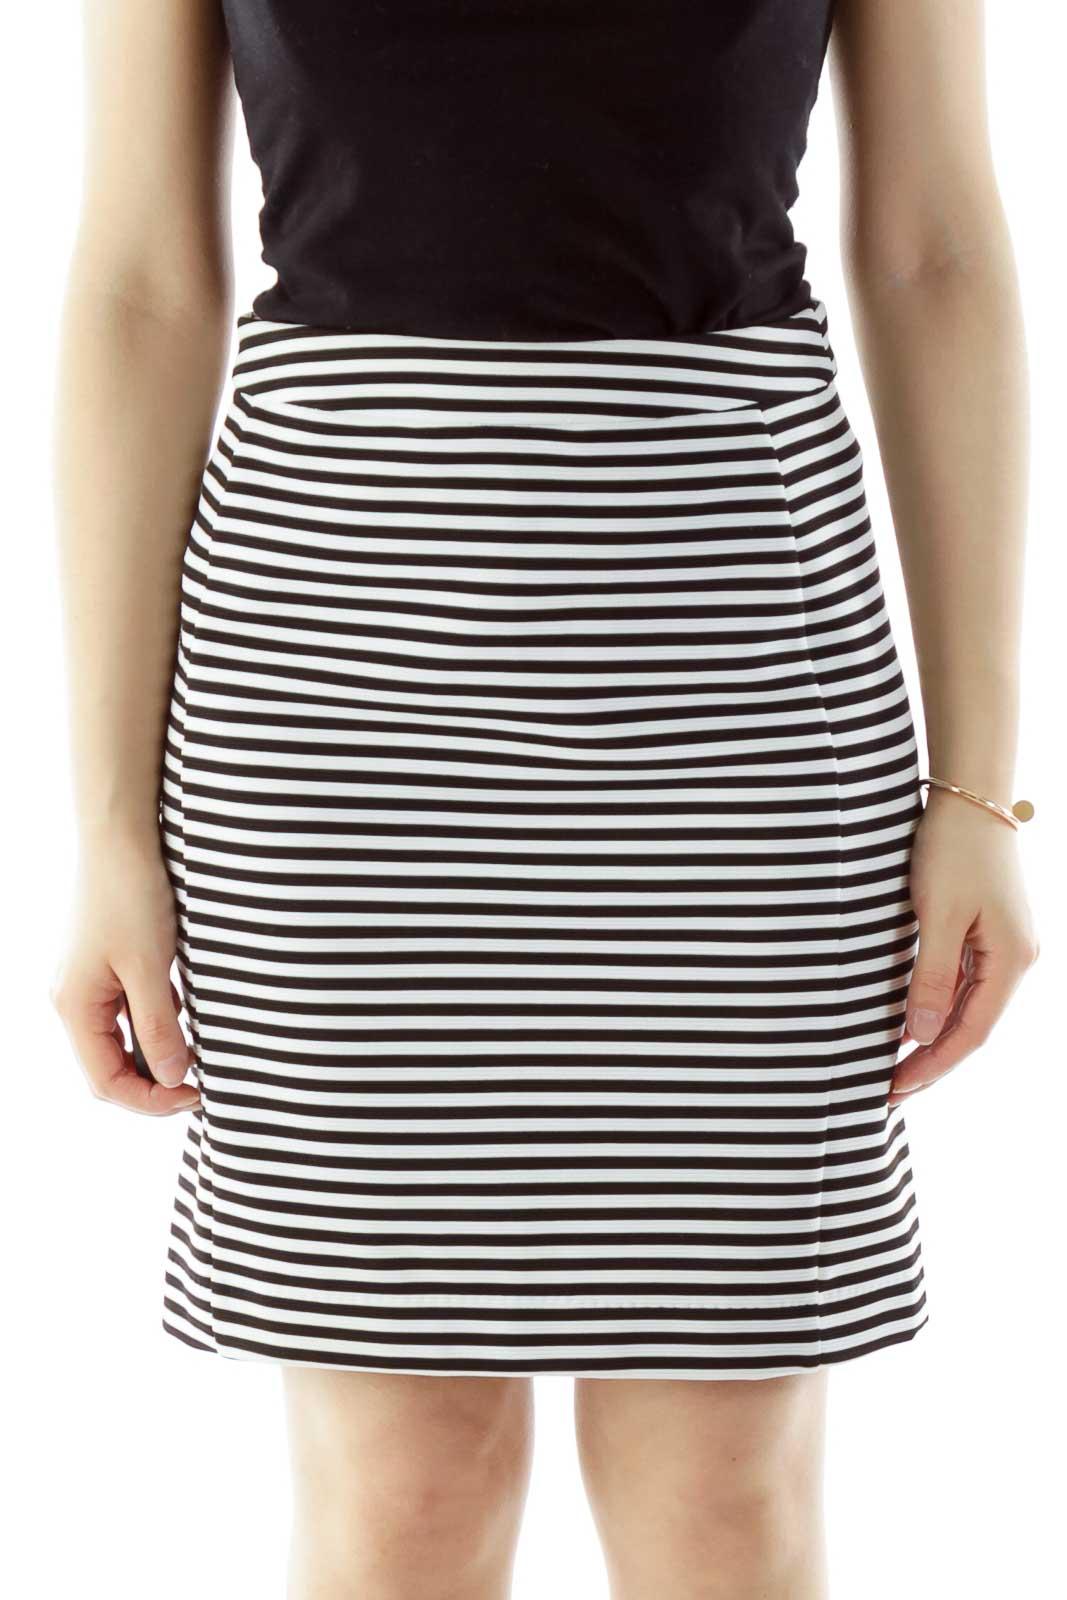 Black White Striped Textured Skirt Front